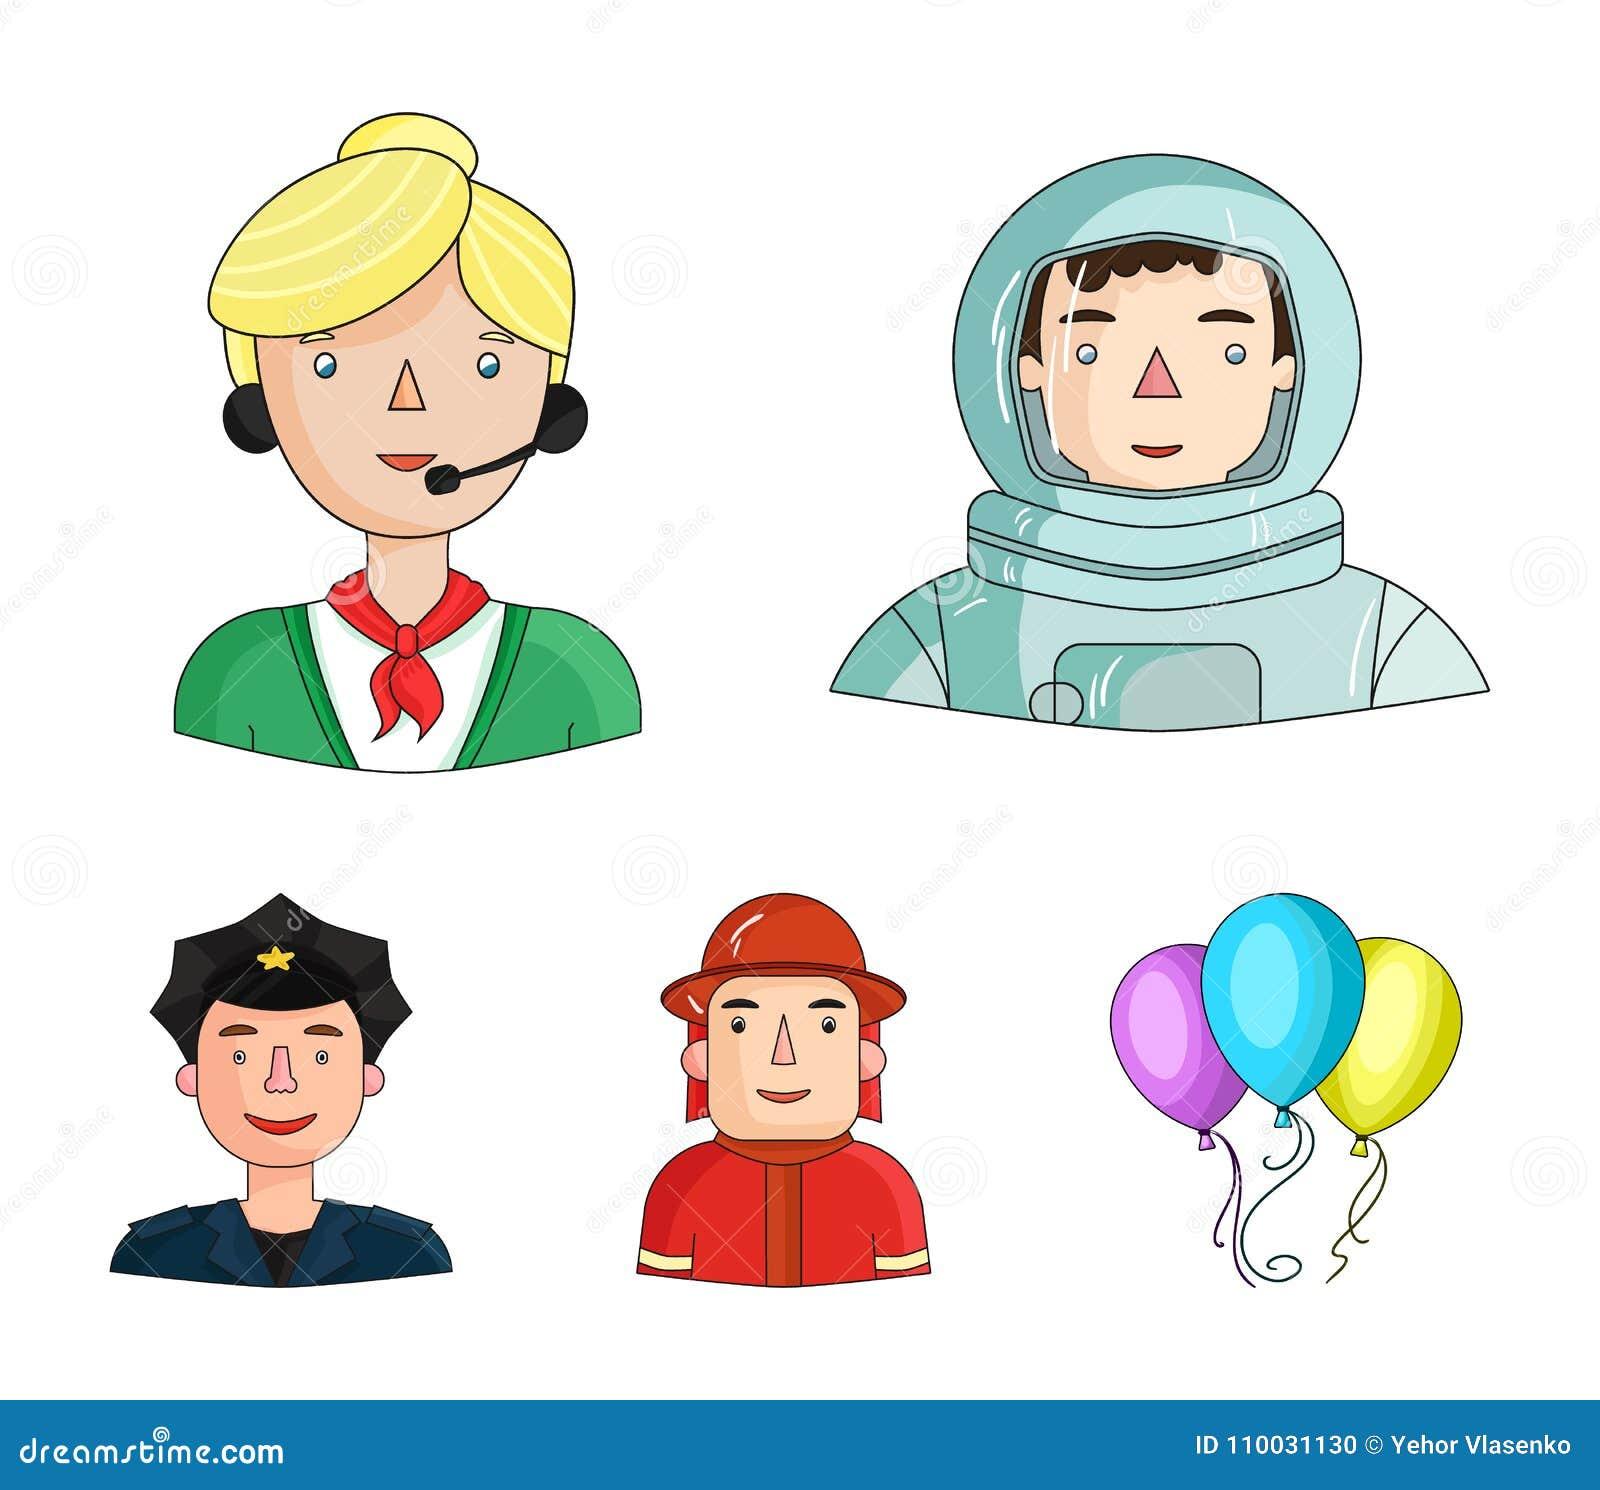 Een astronaut in een spacesuit, een medewerker met een microfoon, een brandweerman in een helm, een politieagent met een kenteken